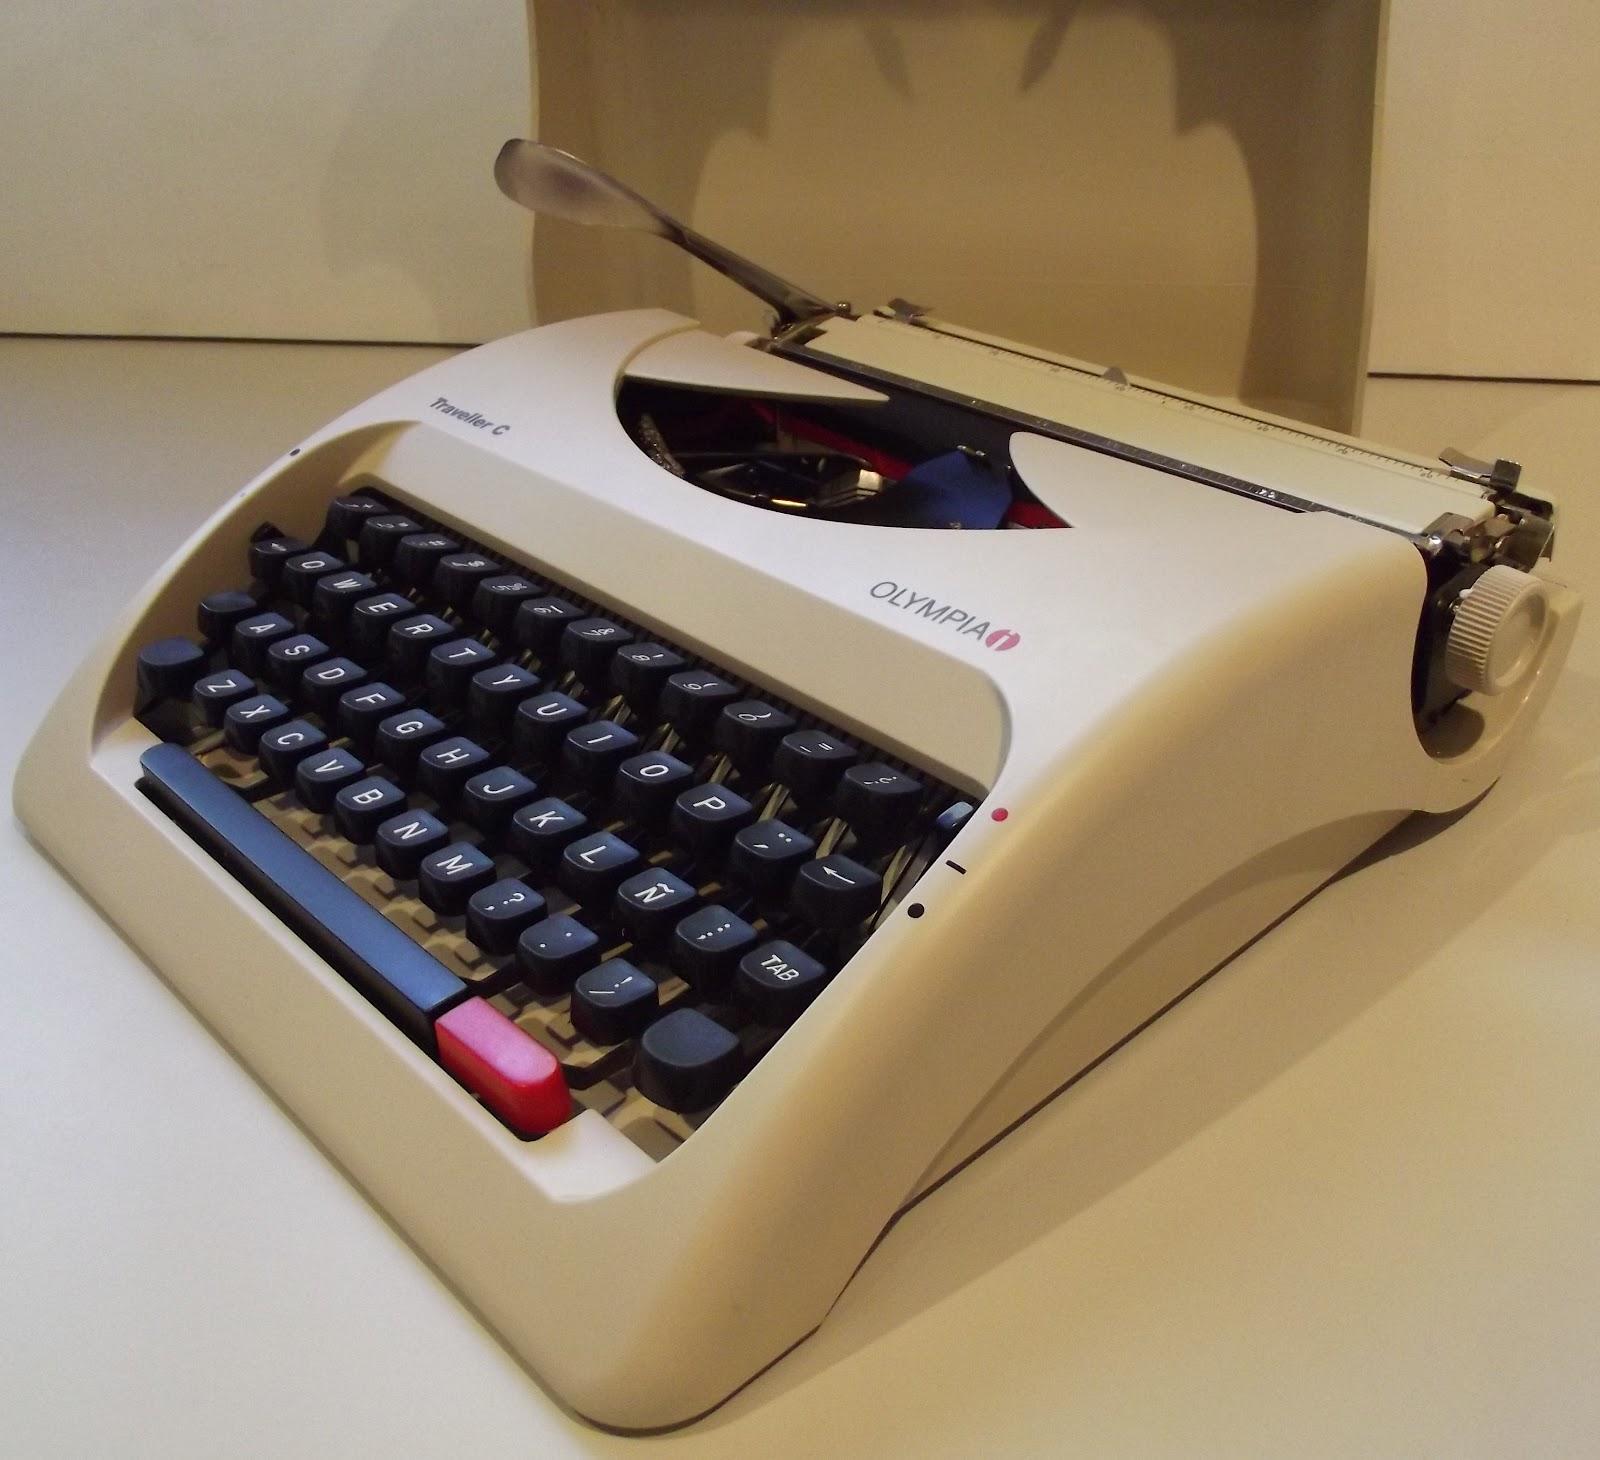 Typewriter: 2012 Manual Portable Typewriter?